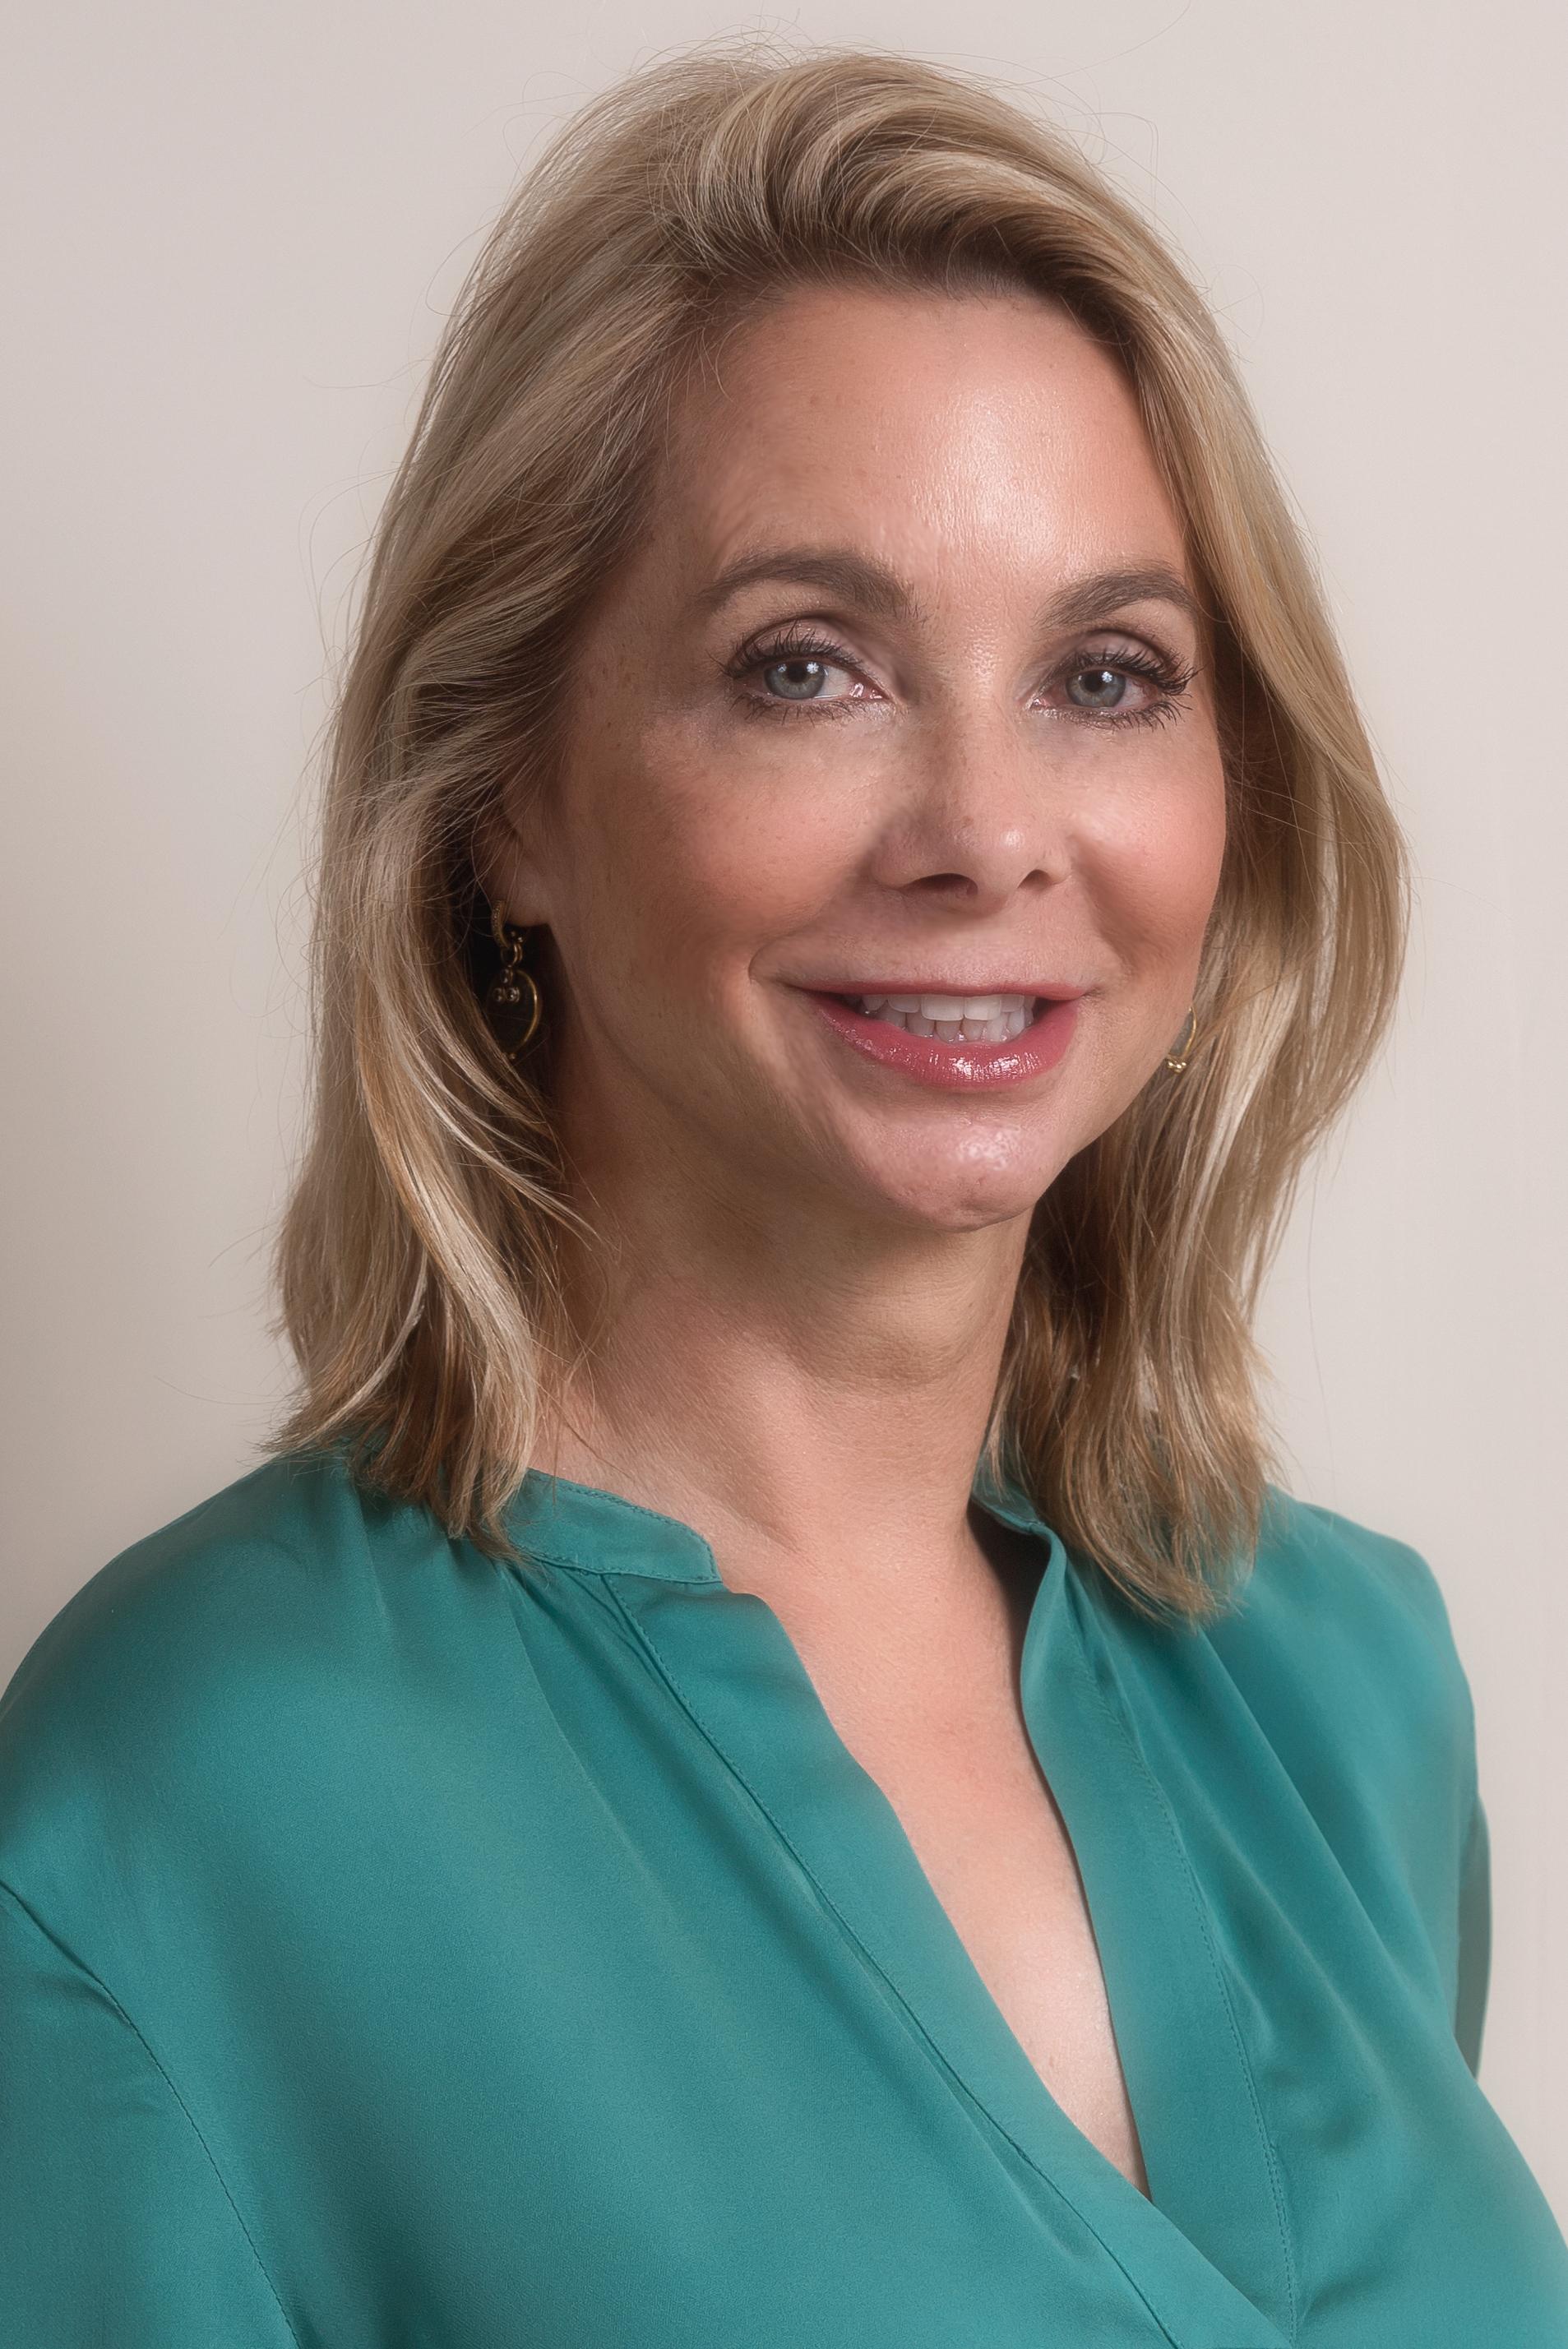 Mara Butler